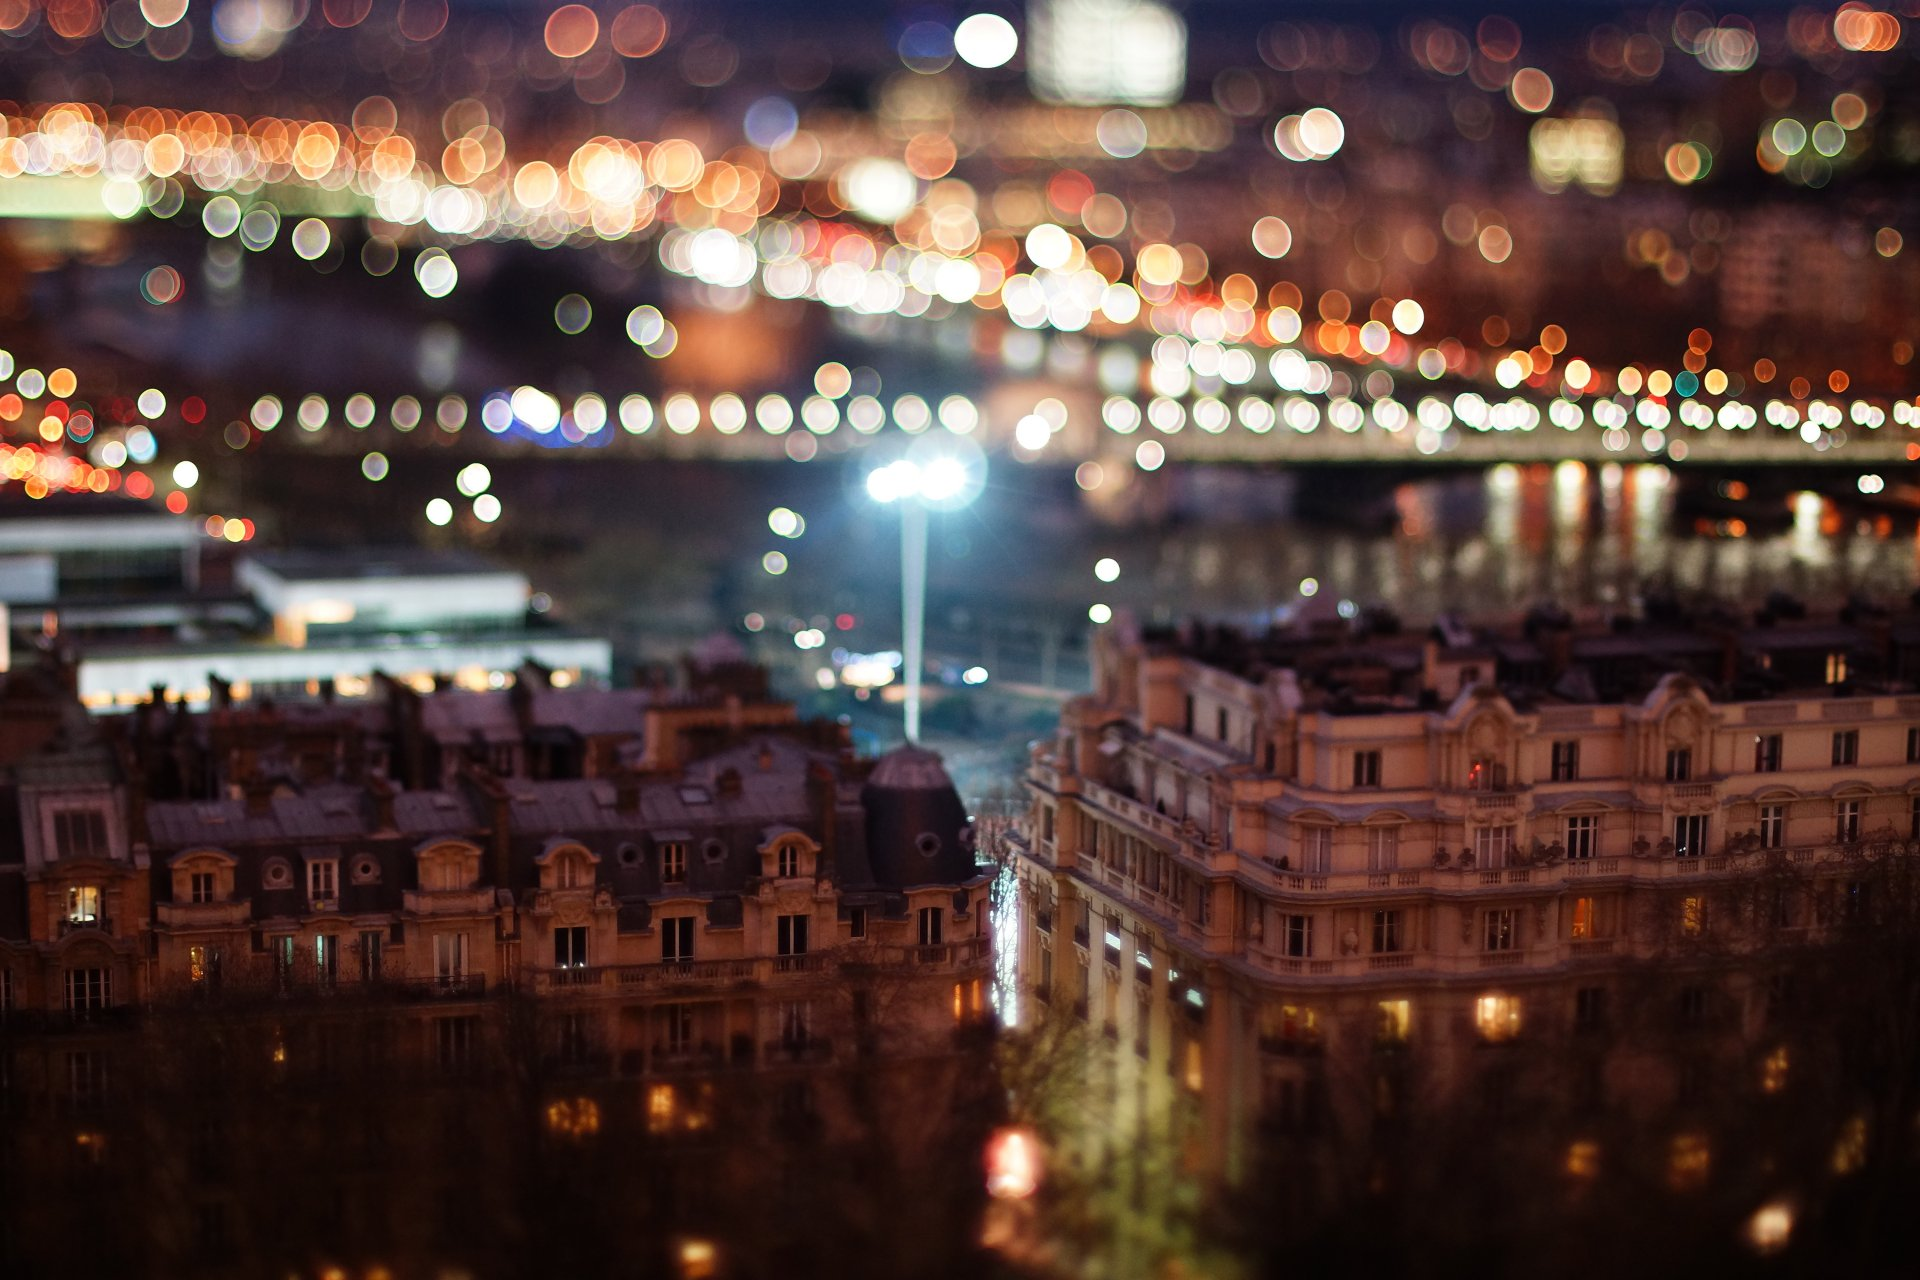 наиболее на каком режиме фотографировать ночные огни города нее влюблялись